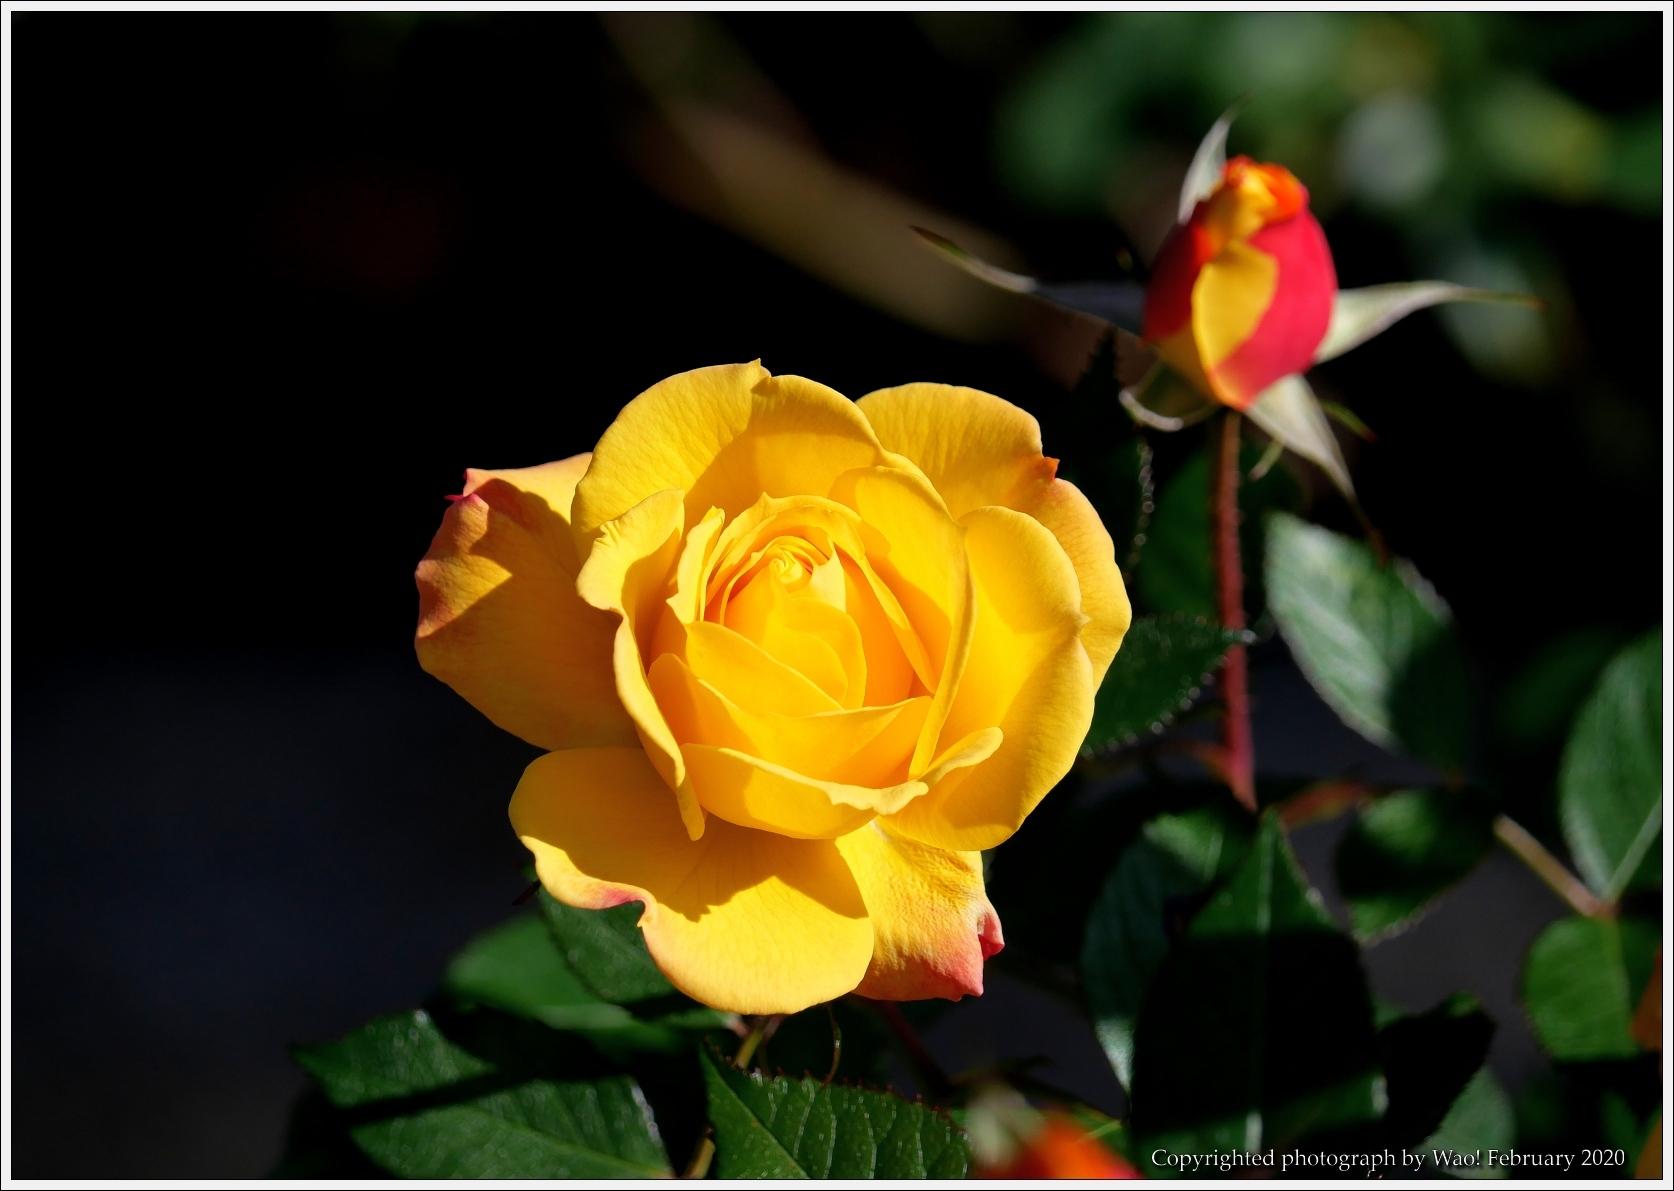 冬のバラと温室の花と蝶_c0198669_16090204.jpg